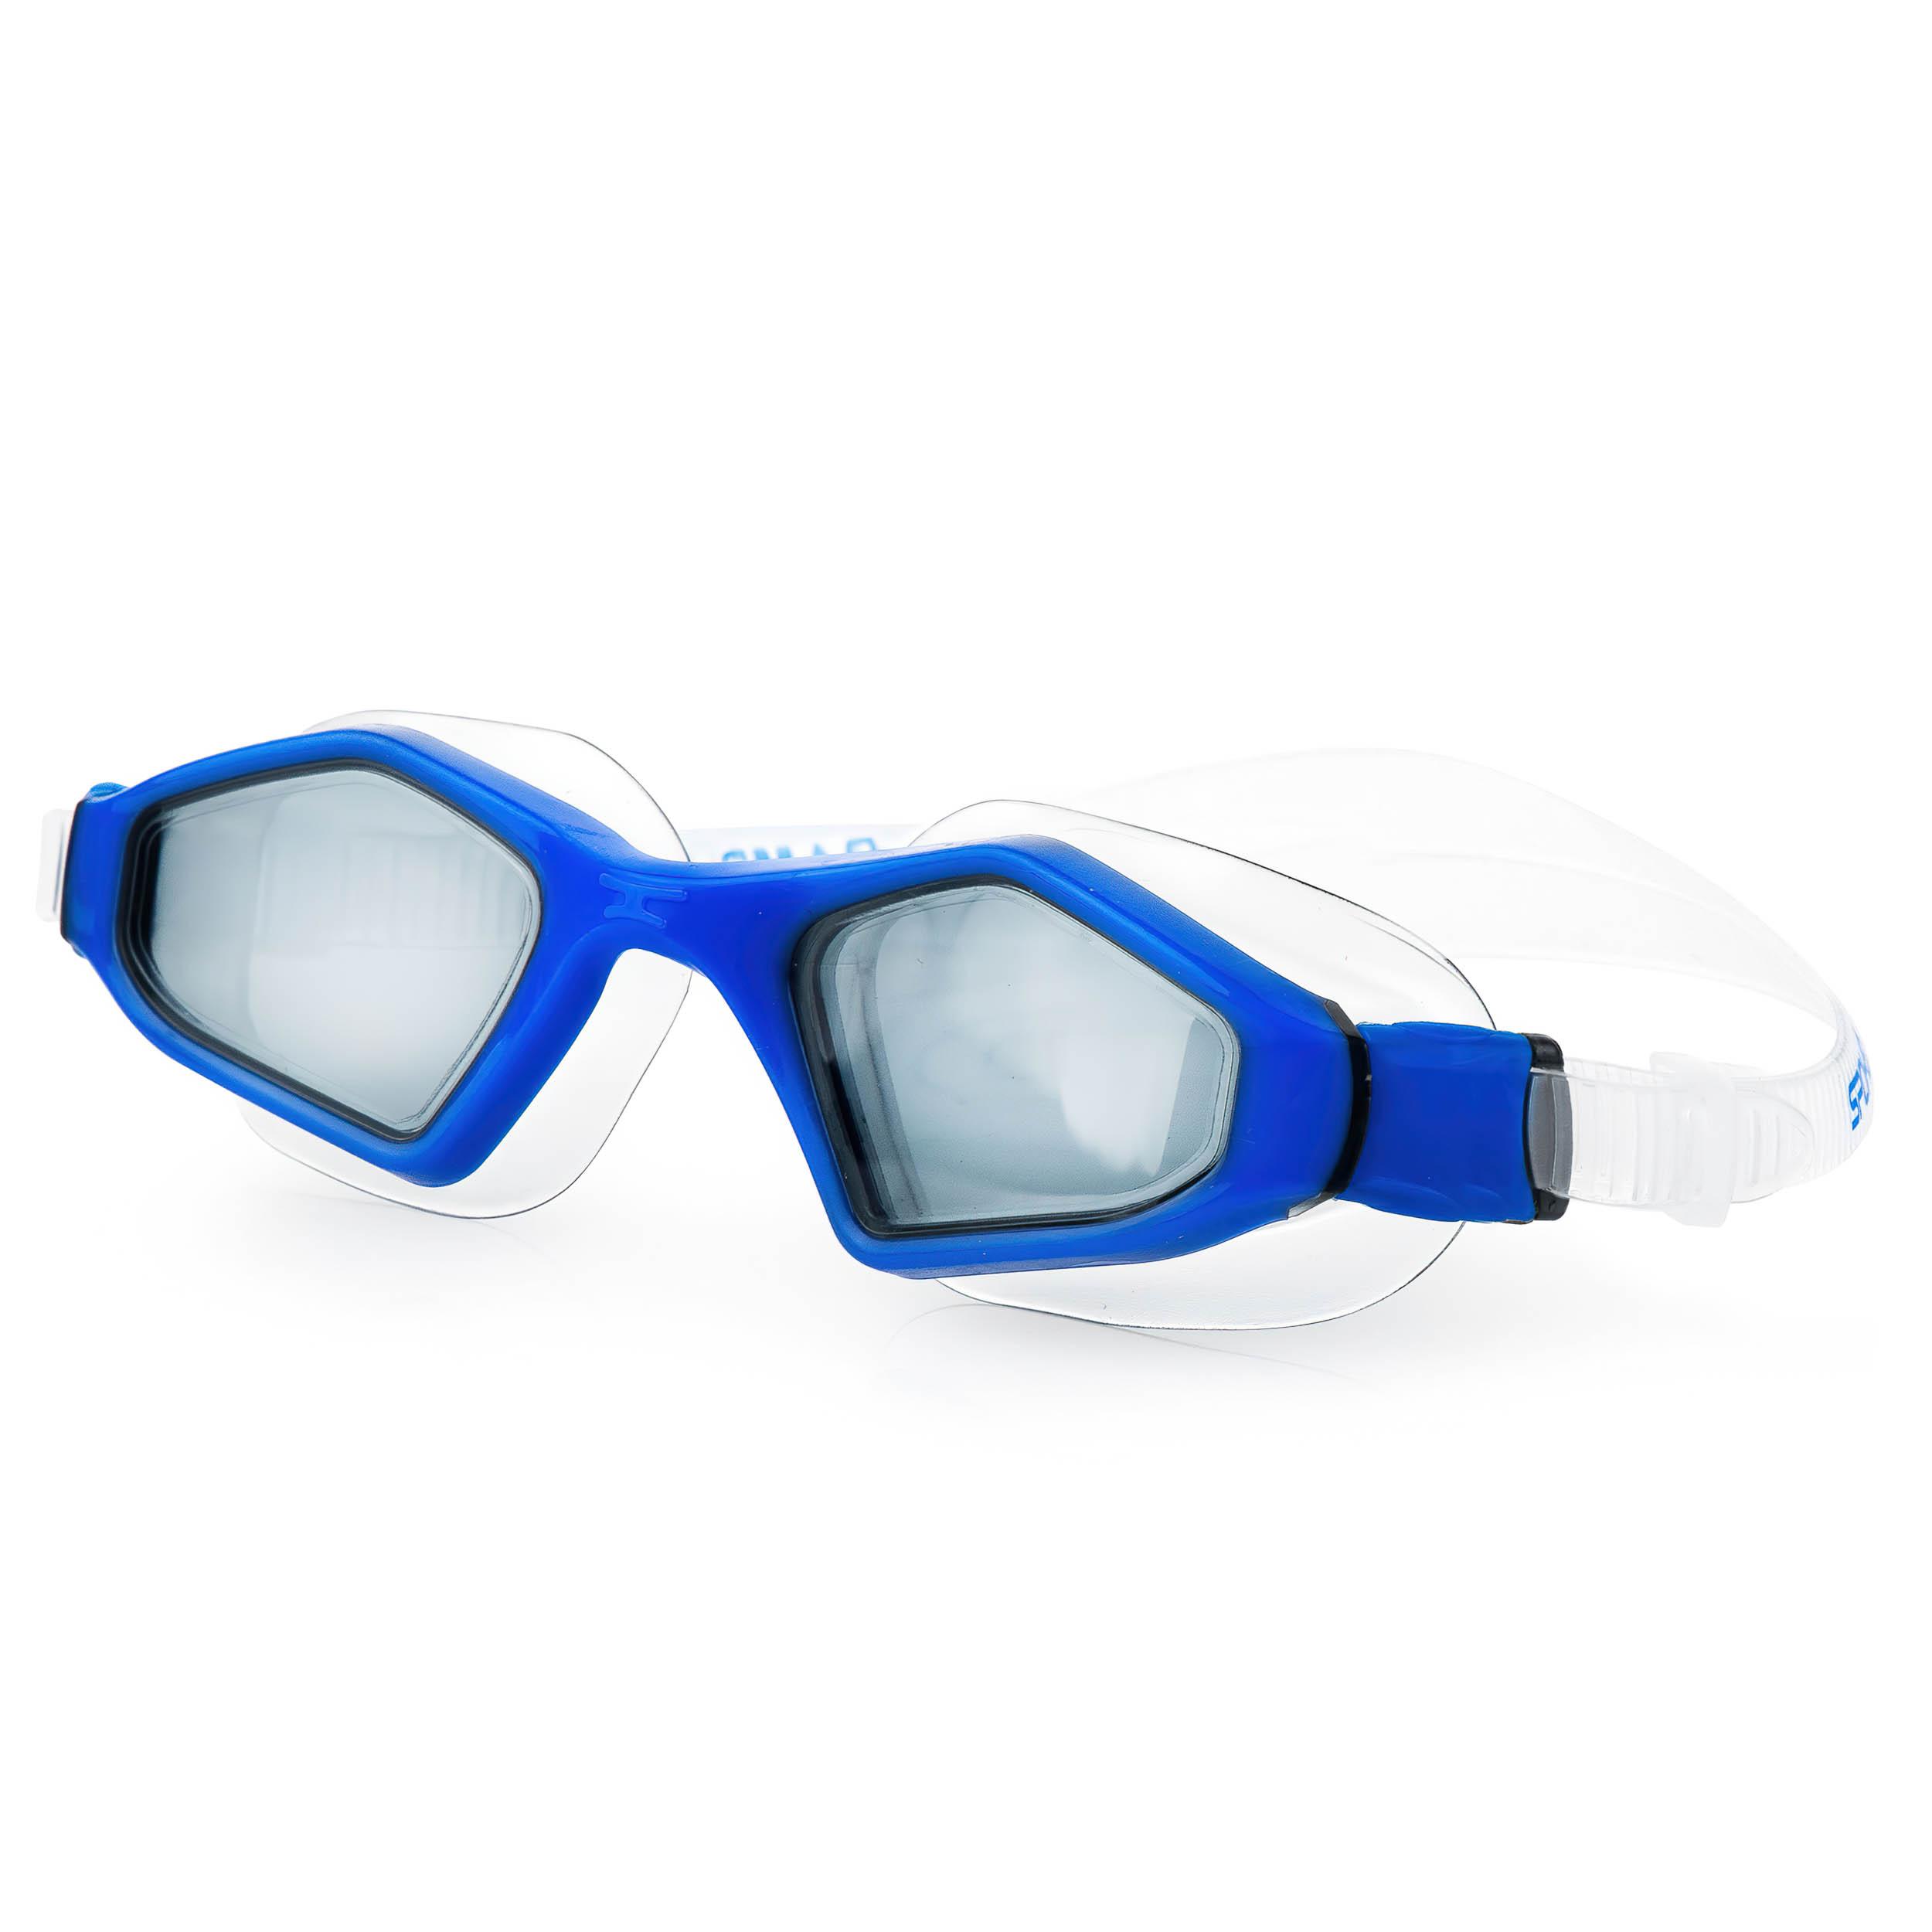 Plavecké brýle RAMB modré